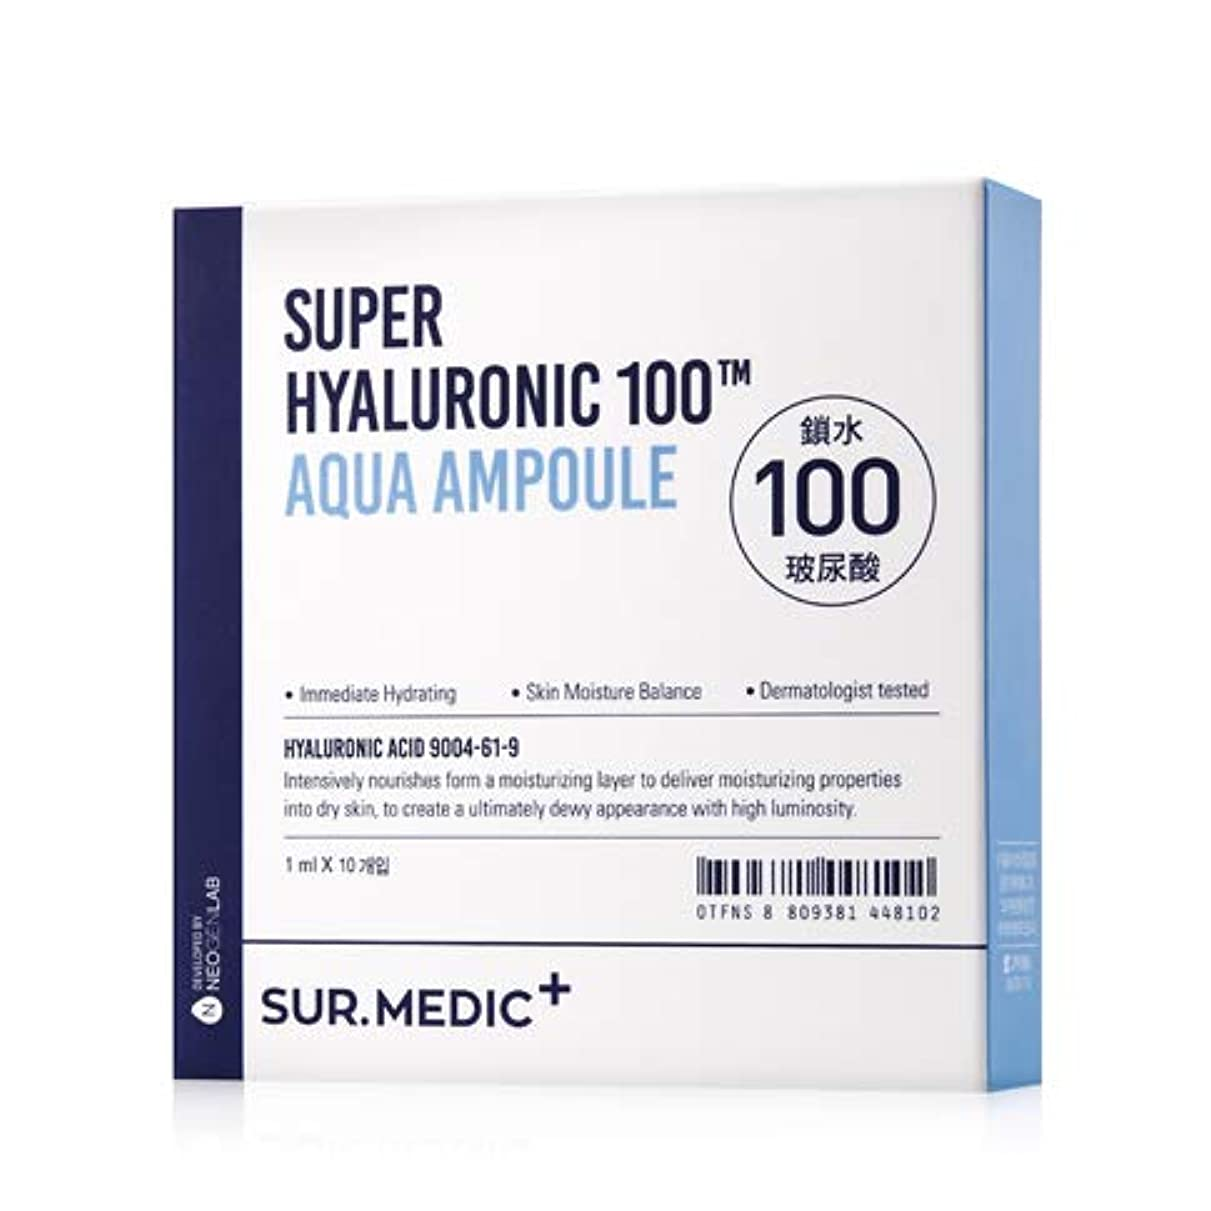 非常に怒っています失宿命SUR.MEDIC スーパーヒアルロン酸100アクアアンプル1mlx10EA / Super Hyaluronic 100 Aqua Ampoule